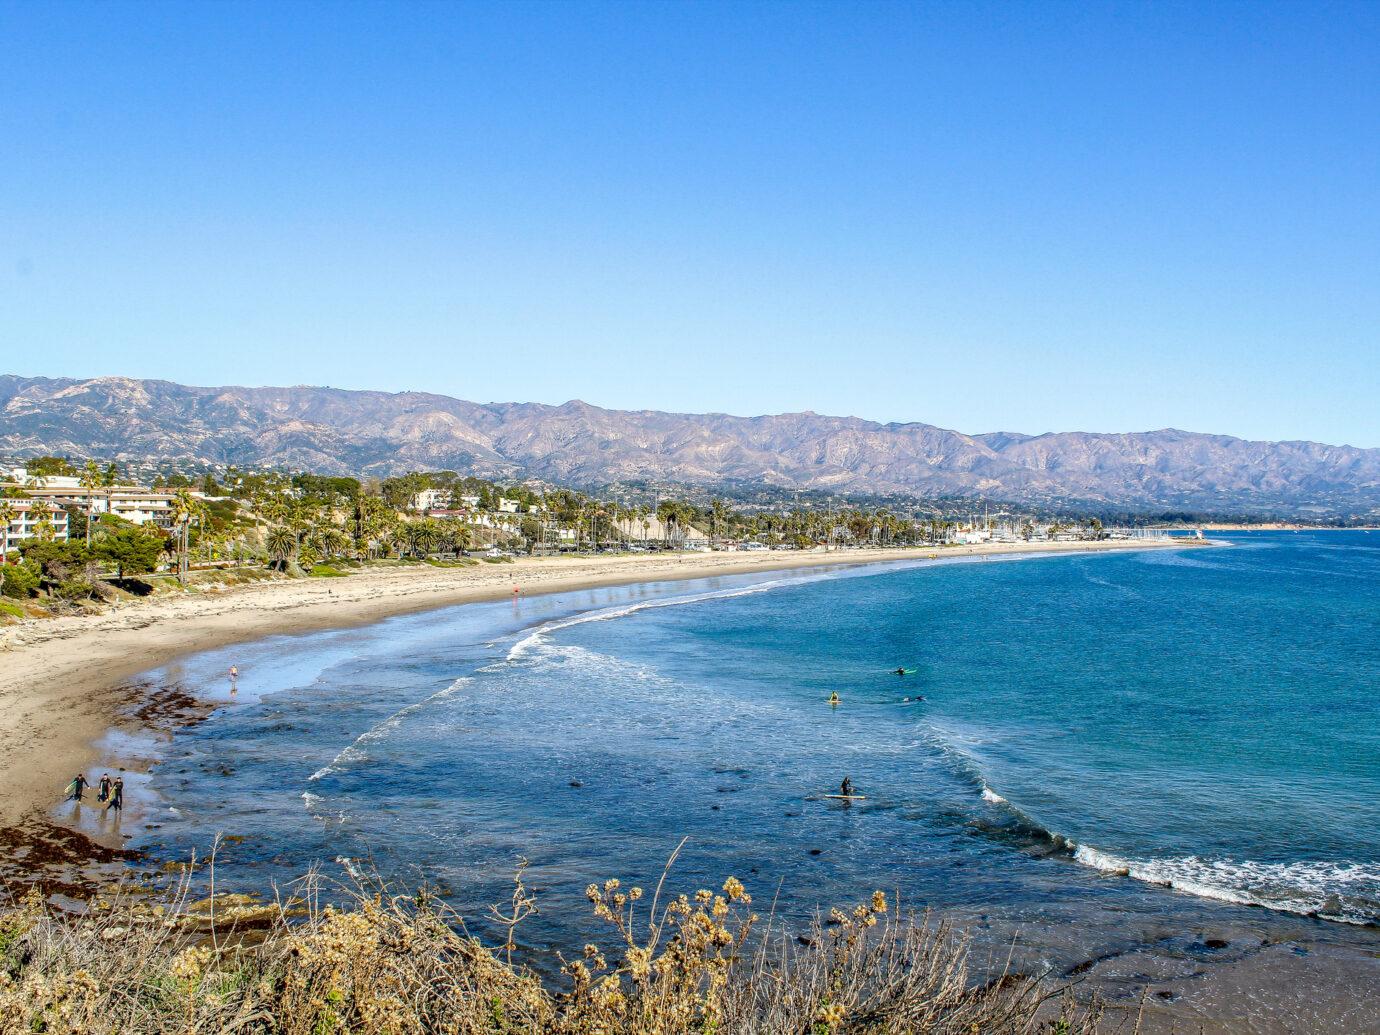 Beach in Montecito, California